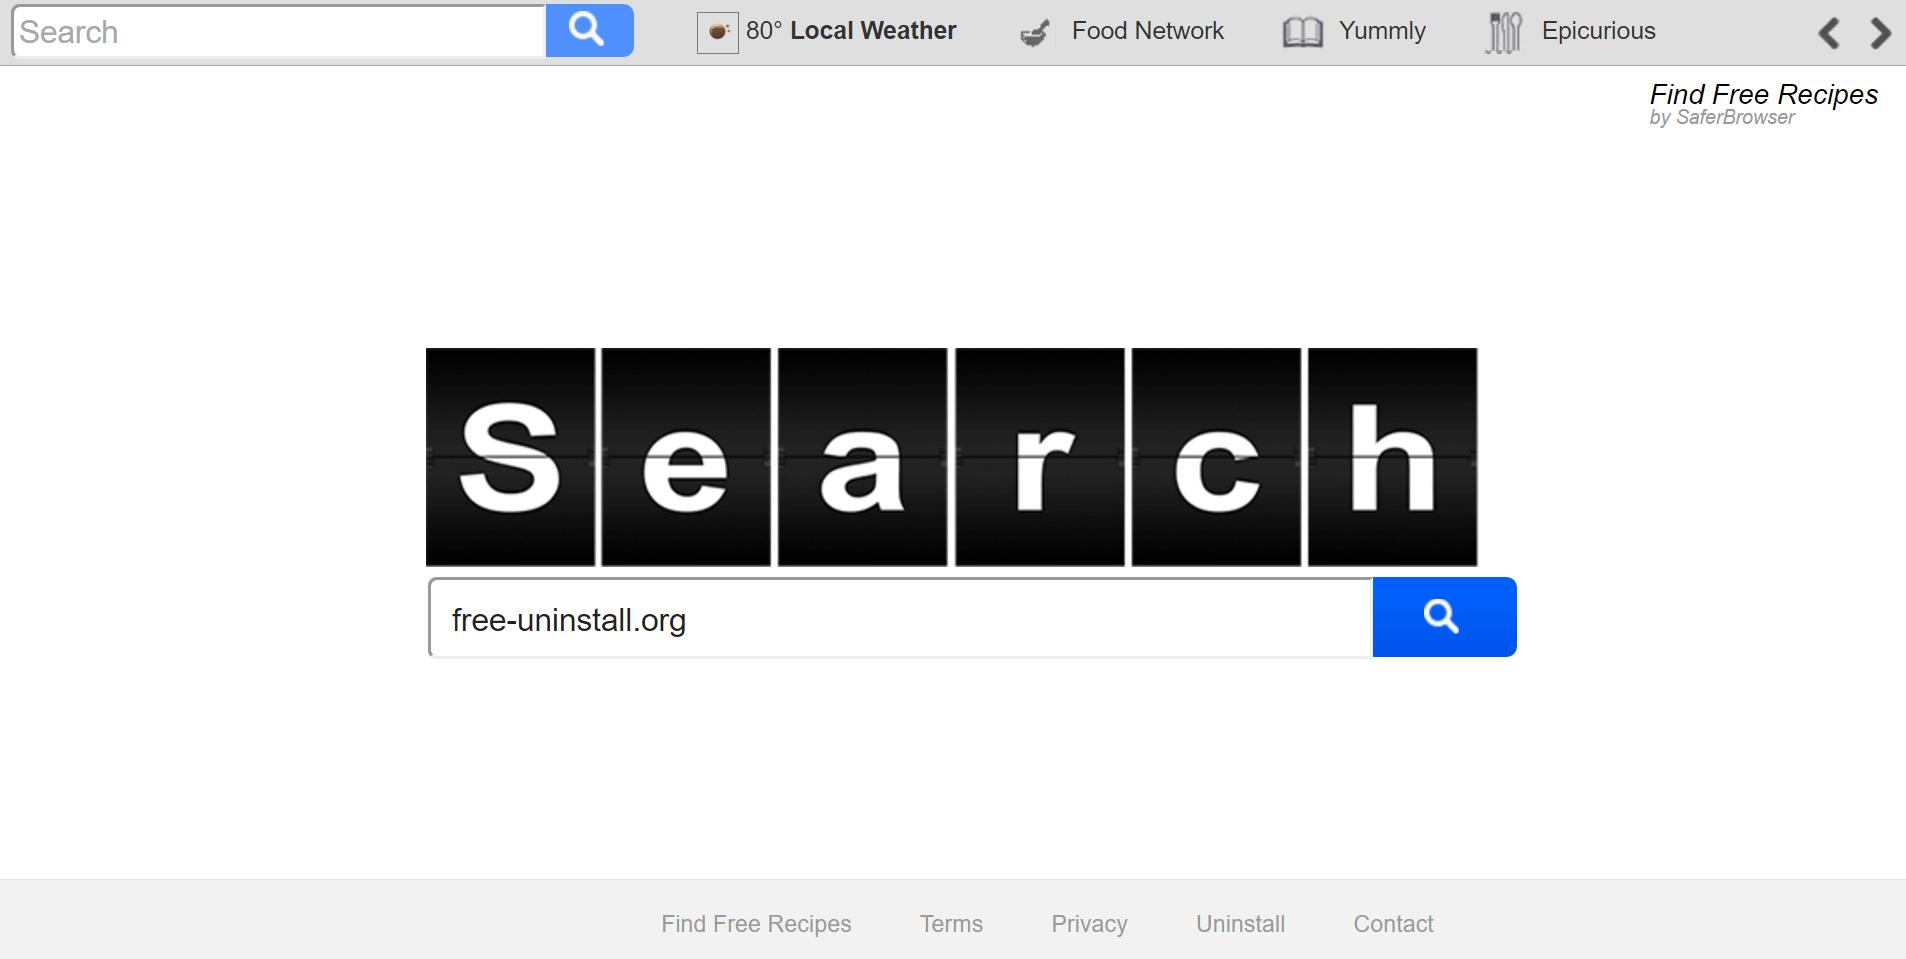 Search.searchffr.com hijacker